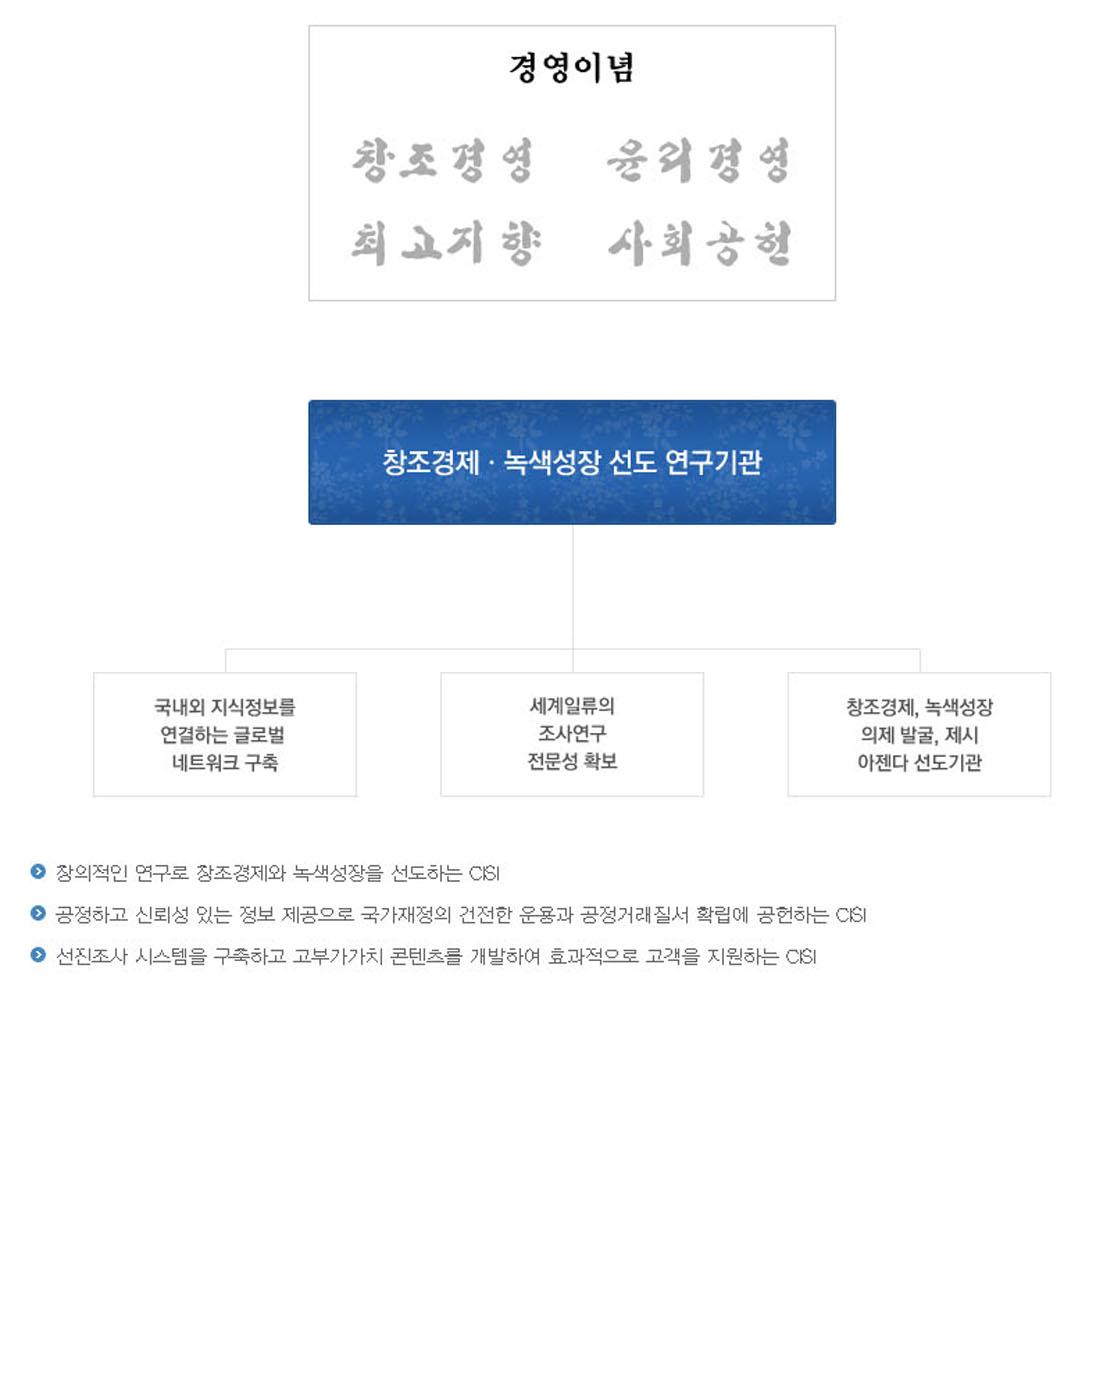 최종_sub_13경영비전 및 목표.jpg